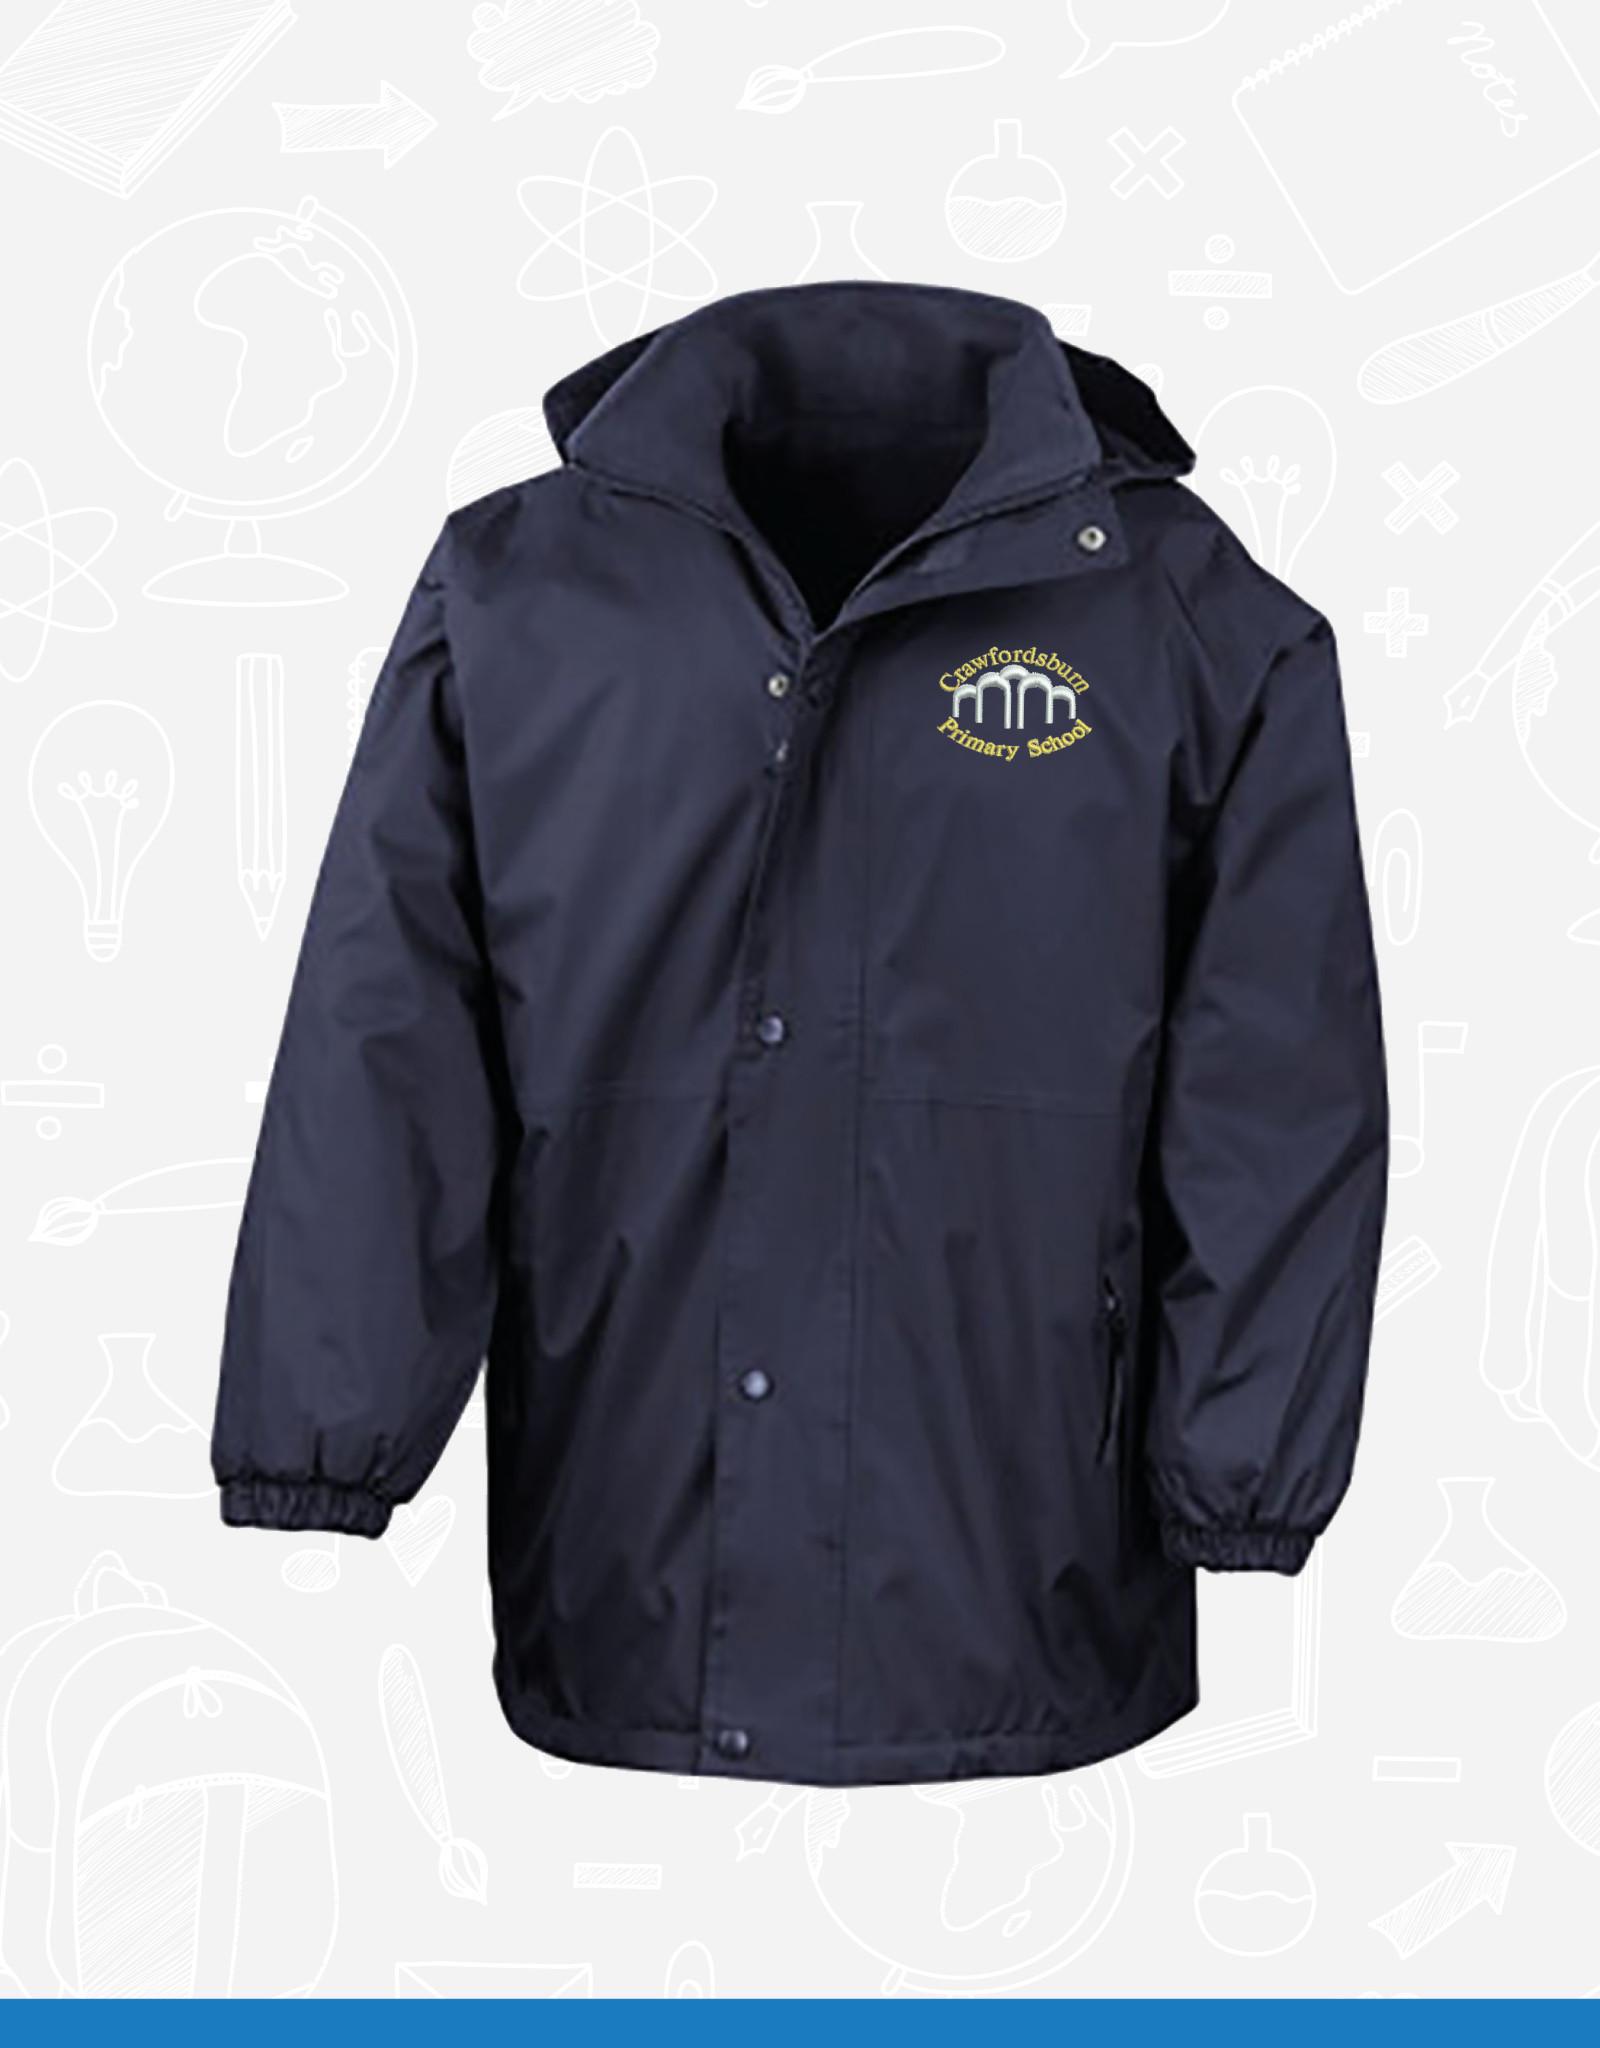 Result Crawfordsburn Waterproof Jacket - Adult (RS160)